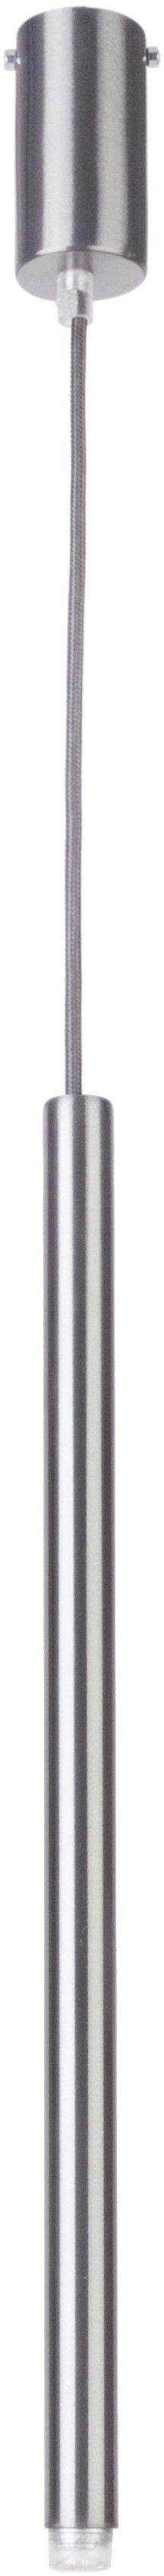 Lampa wisząca SOPEL 1 prosty srebrny 33148 - Sigma Do -17% rabatu w koszyku i darmowa dostawa od 299zł !